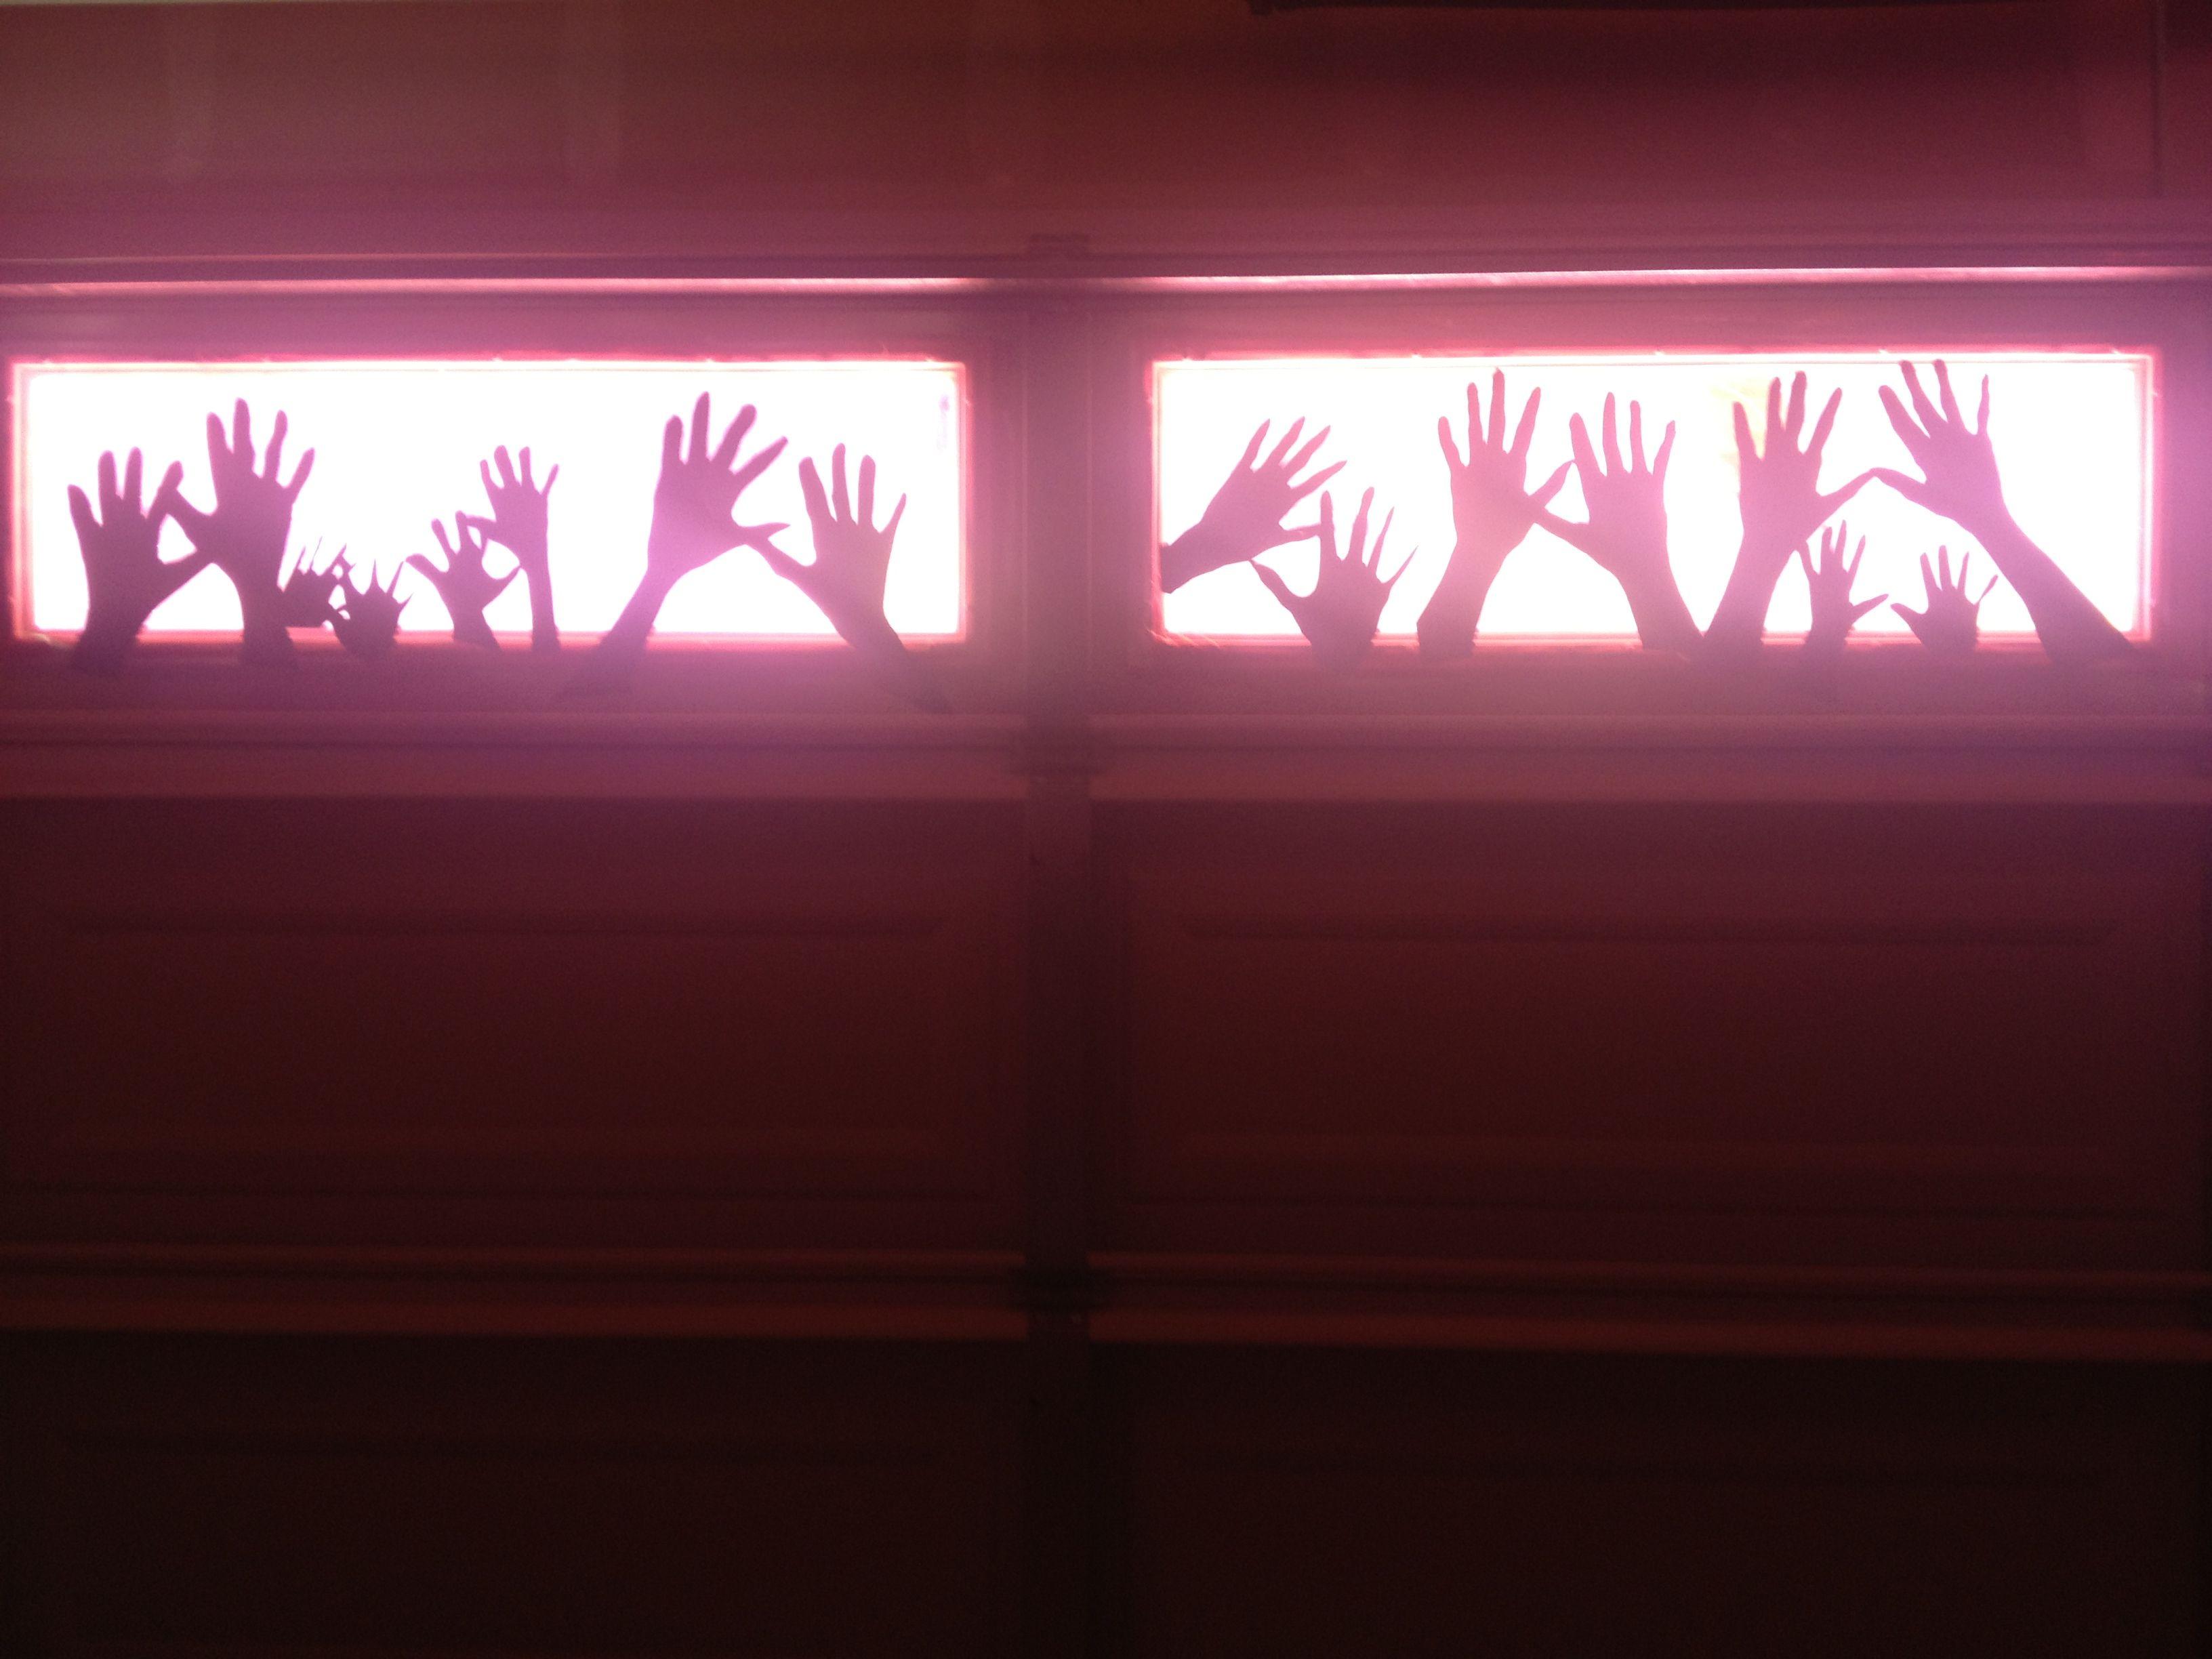 Halloween garage door decorations - Creepy Hands On The Garage Doors Begging To Get Out Halloween Decor So Simple